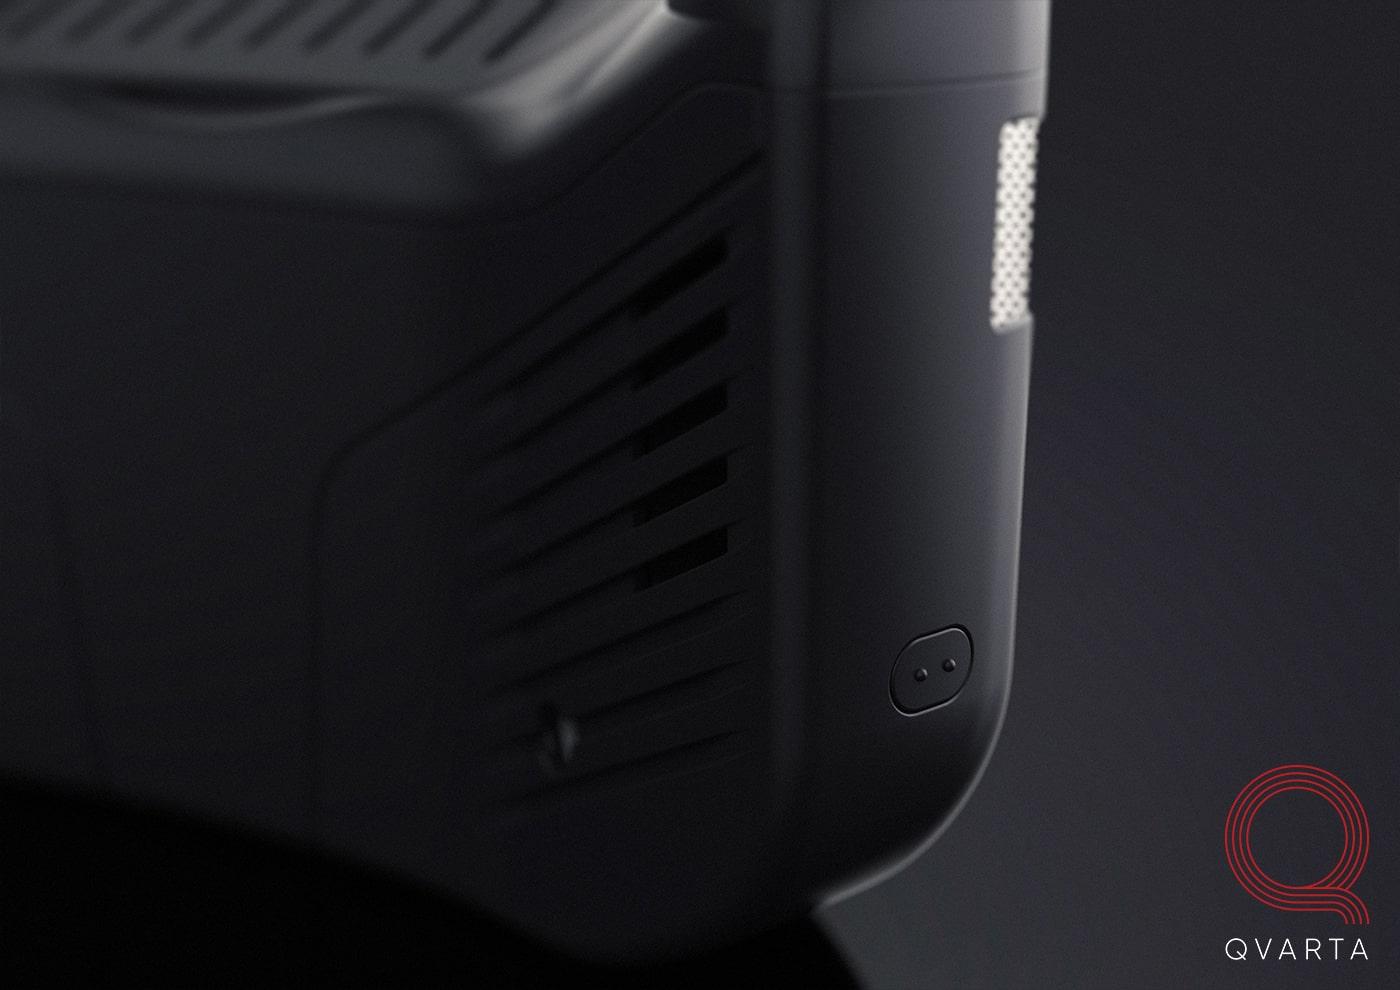 VR очки в черном цвете c лого Qvara.